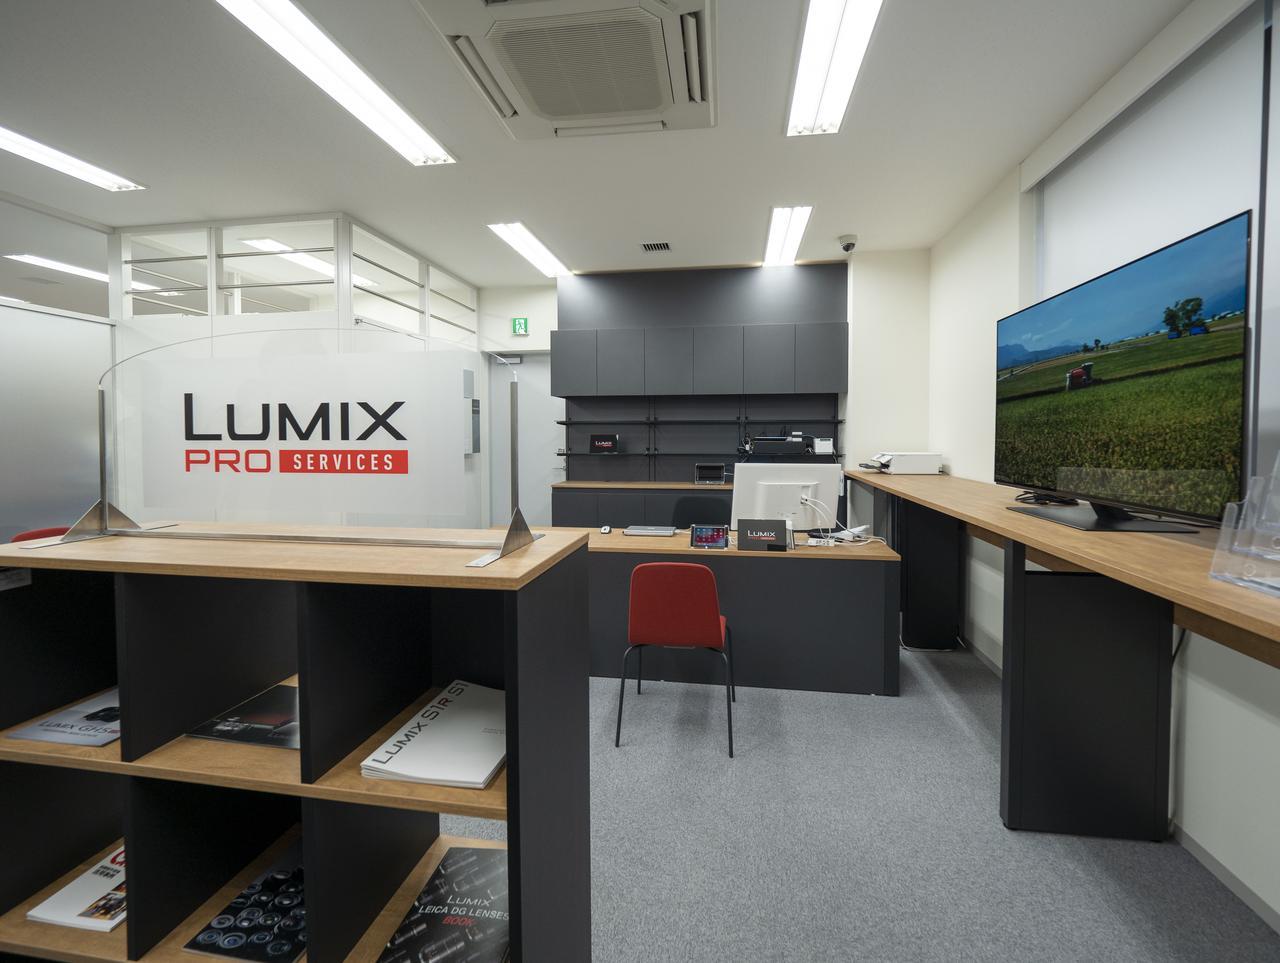 画像: LUMIX GINZA TOKYOとは別の場所にあるLUMIX PROサービス内の様子。